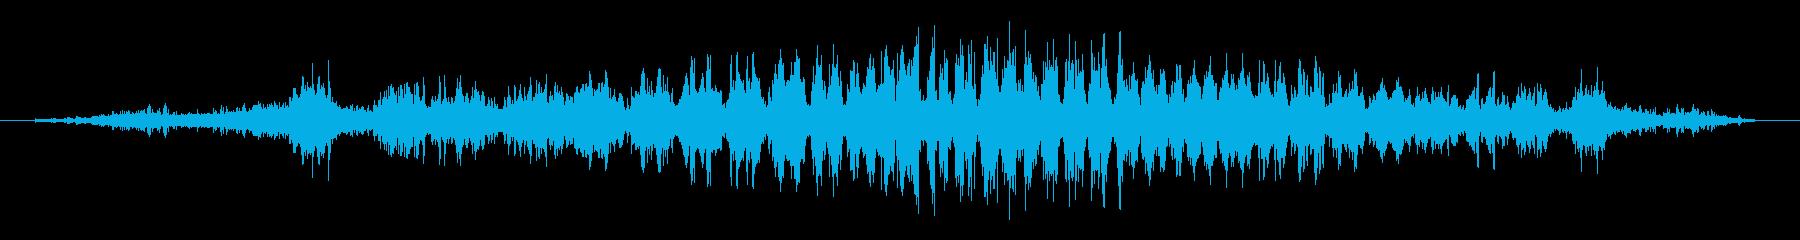 シュワーッ(疾走感のある効果音)の再生済みの波形